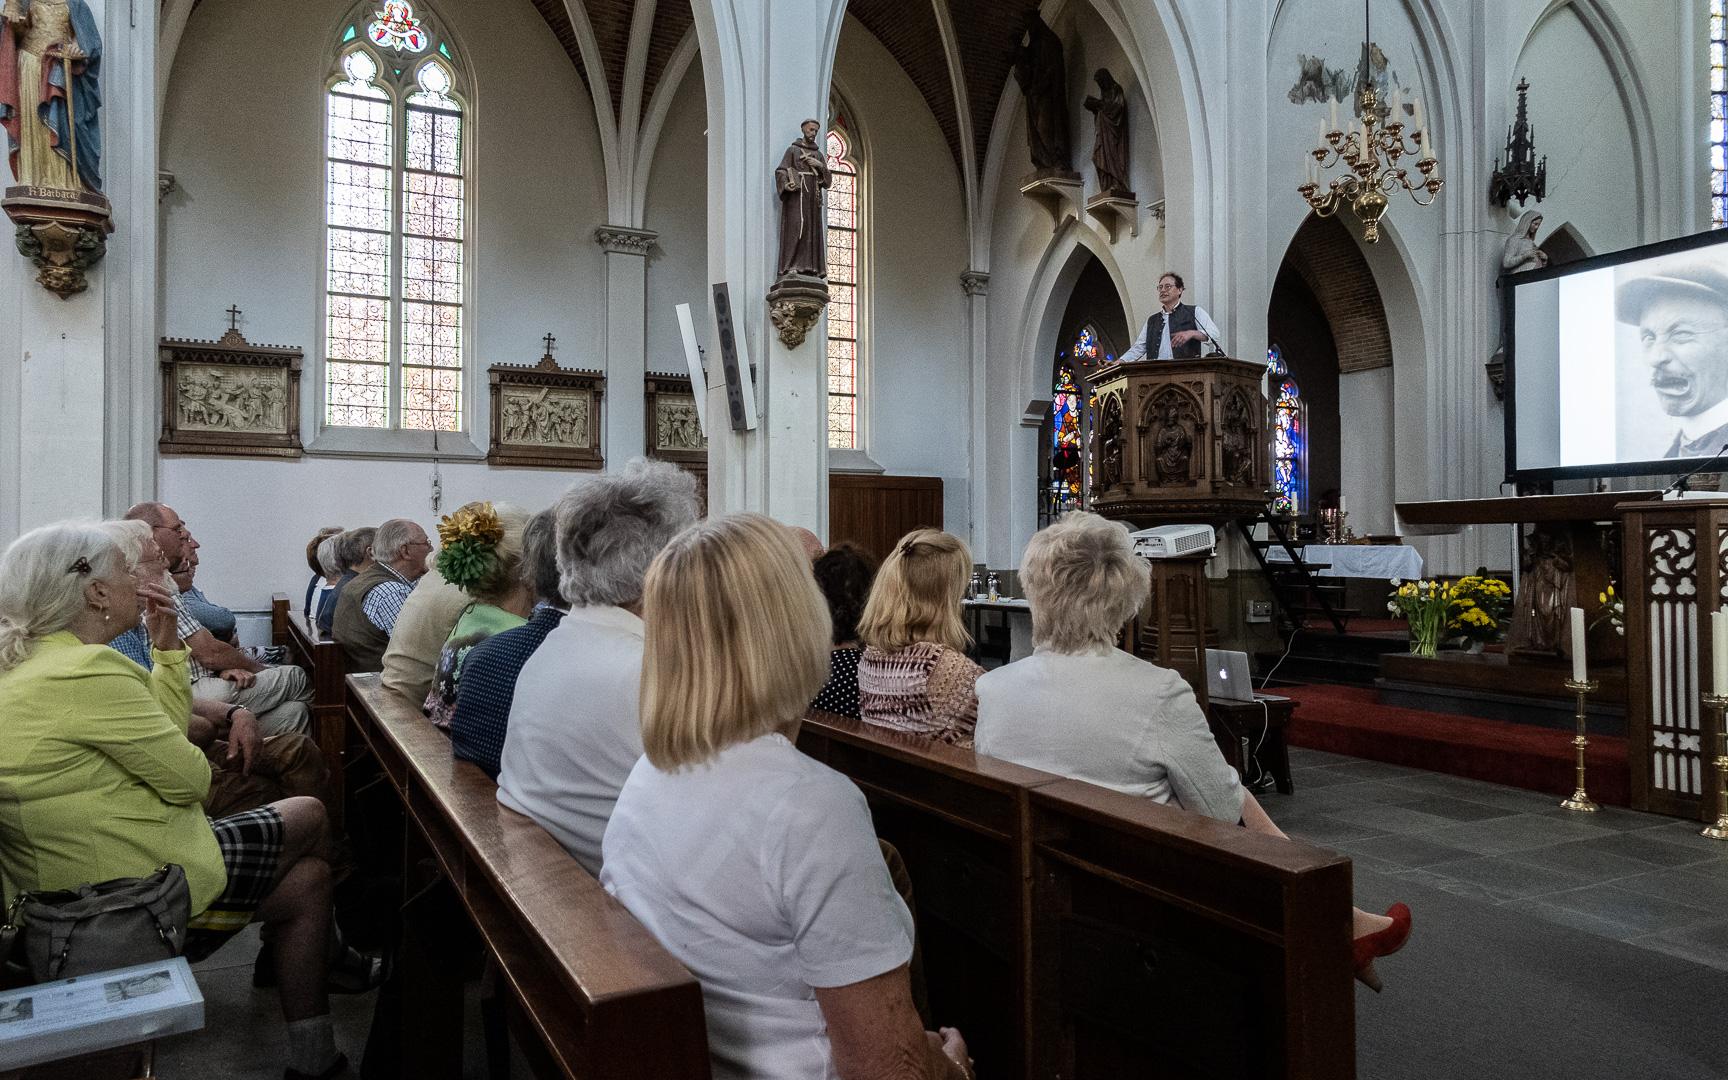 bernardvandam_20190421_photos_eerde_martijn-38.jpg